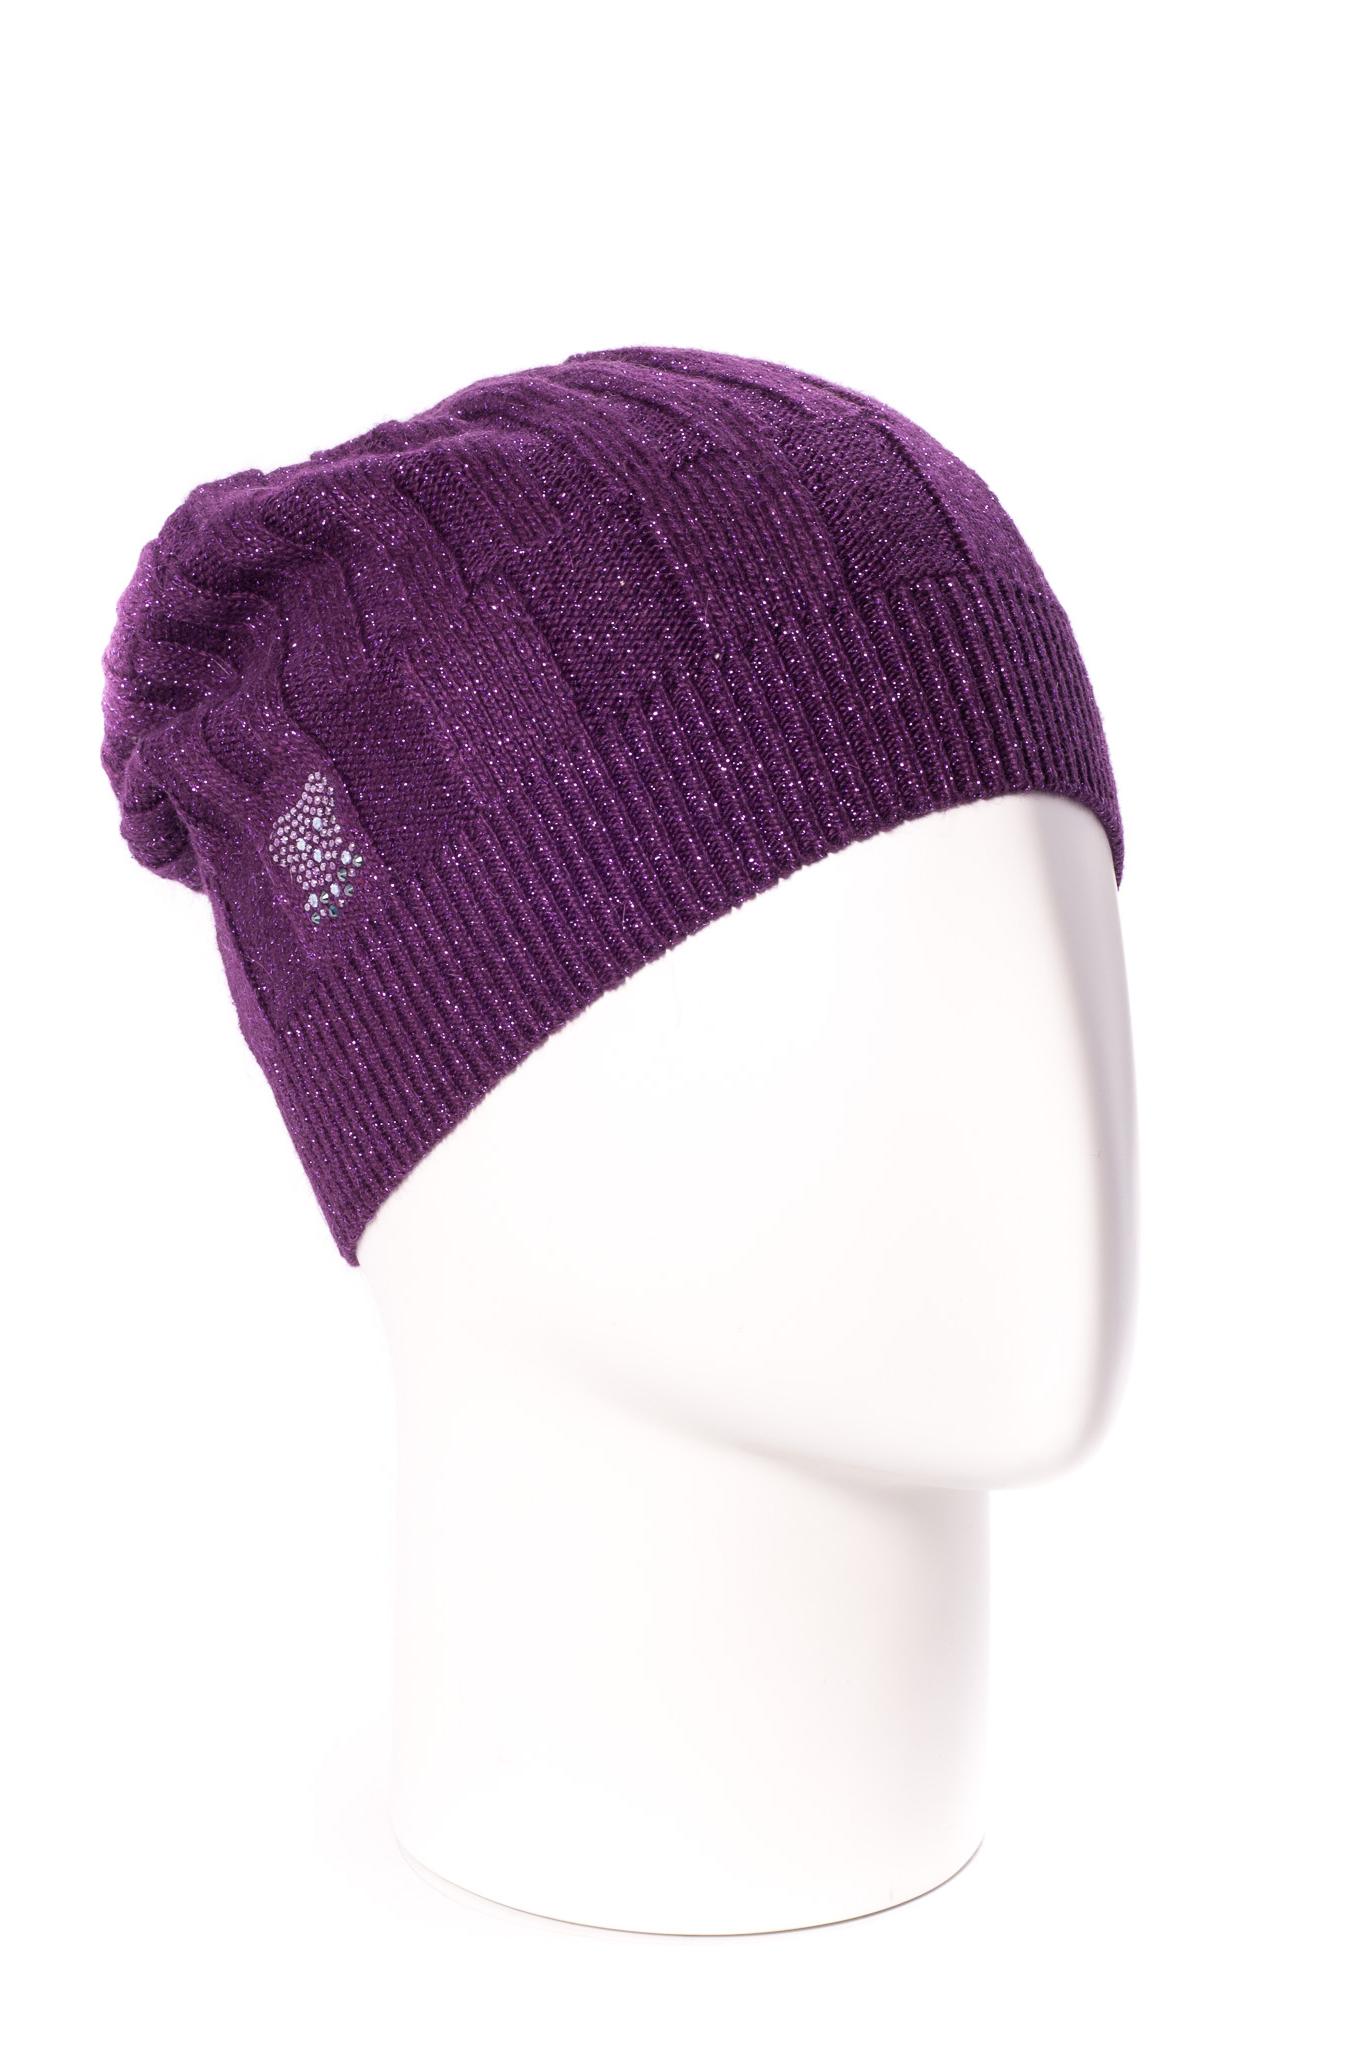 ШапкаШапки<br>Однотонная шапка подарит Вам тепло и комфорт.  Стильный аксессуар защитит Вас от непогоды и станет прекрасным дополнением Вашего образа.  В изделии использованы цвета: фиолетовый<br><br>По материалу: Вязаные,Трикотаж<br>По рисунку: Однотонные<br>По элементам: С декором<br>По сезону: Осень,Весна<br>Размер : universal<br>Материал: Вязаное полотно<br>Количество в наличии: 1